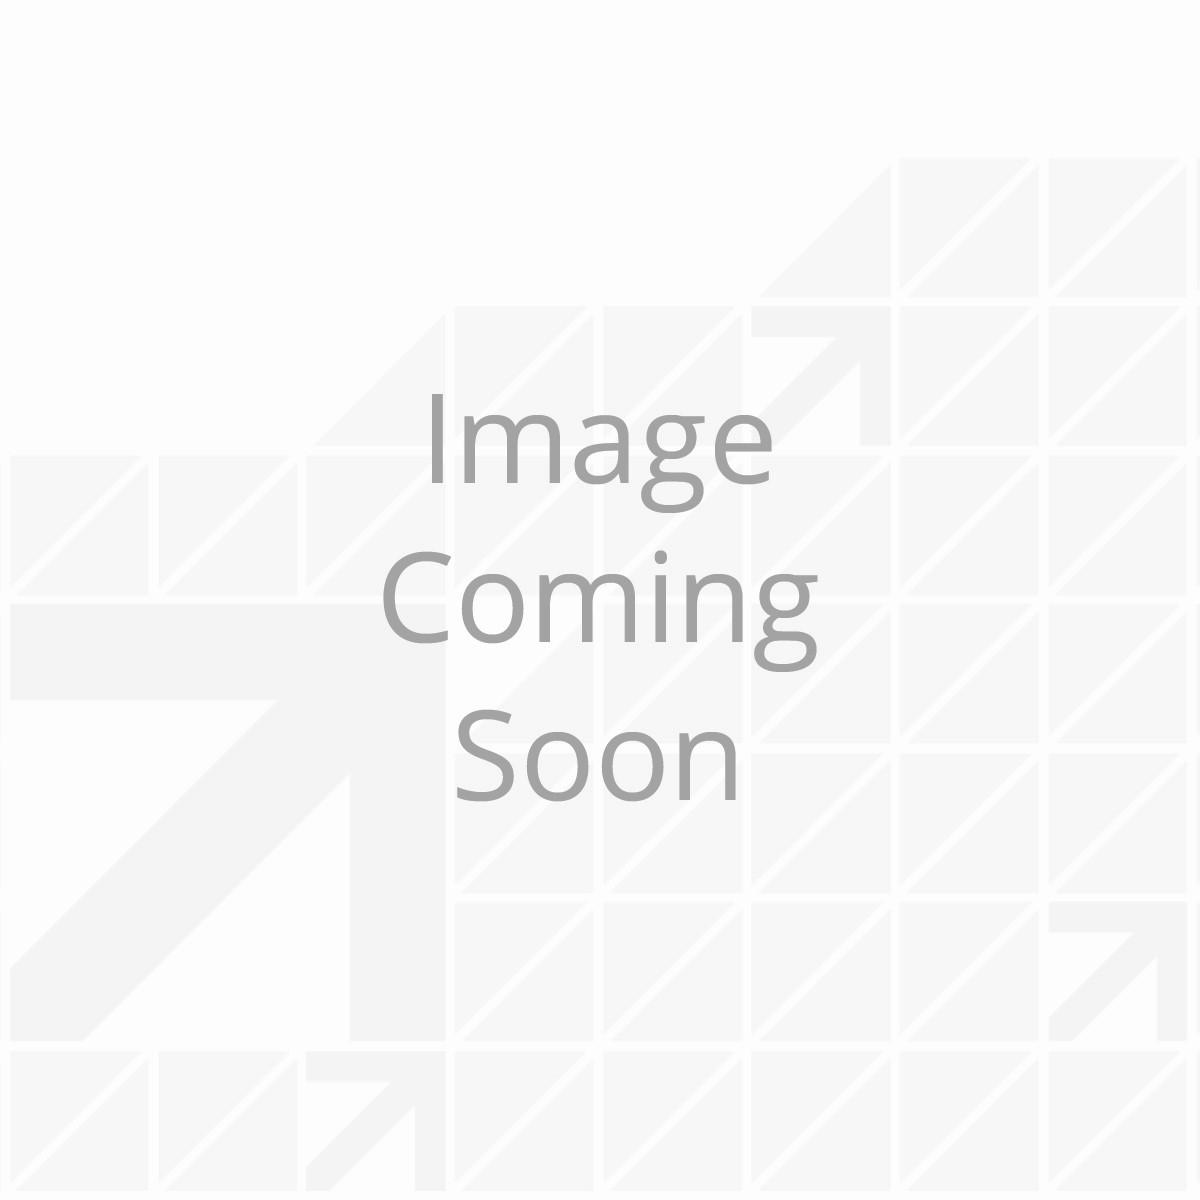 179881_Flange-Nut_001